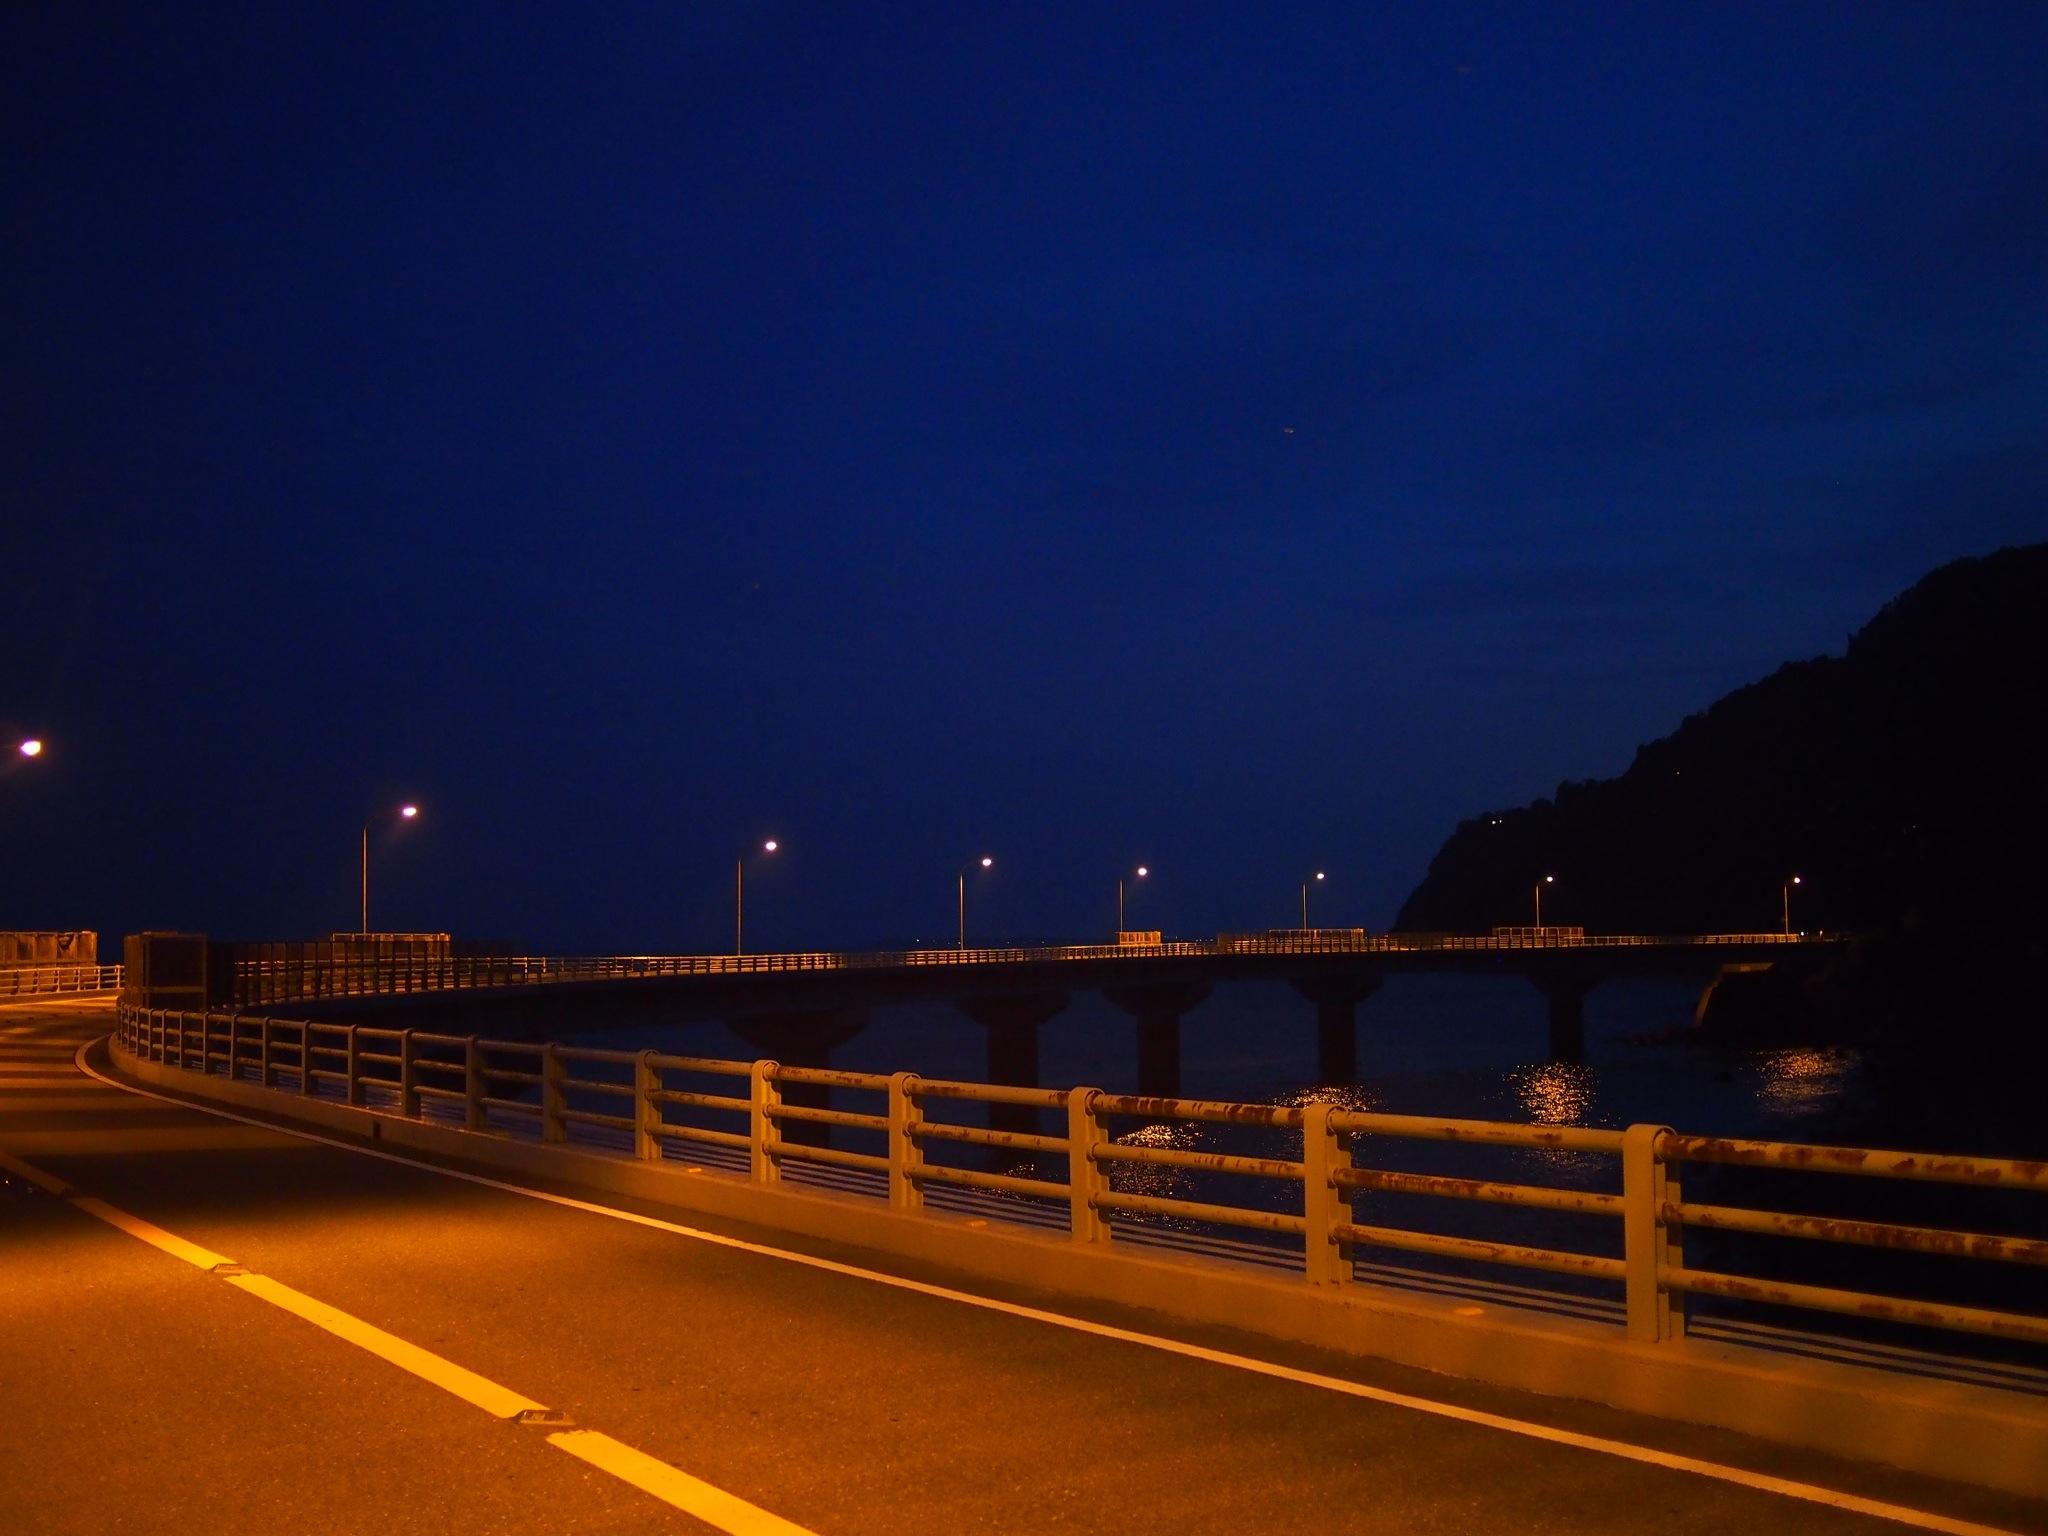 自転車の 東京 富士山 自転車 ルート : 大きな道は避けたいので海沿い ...